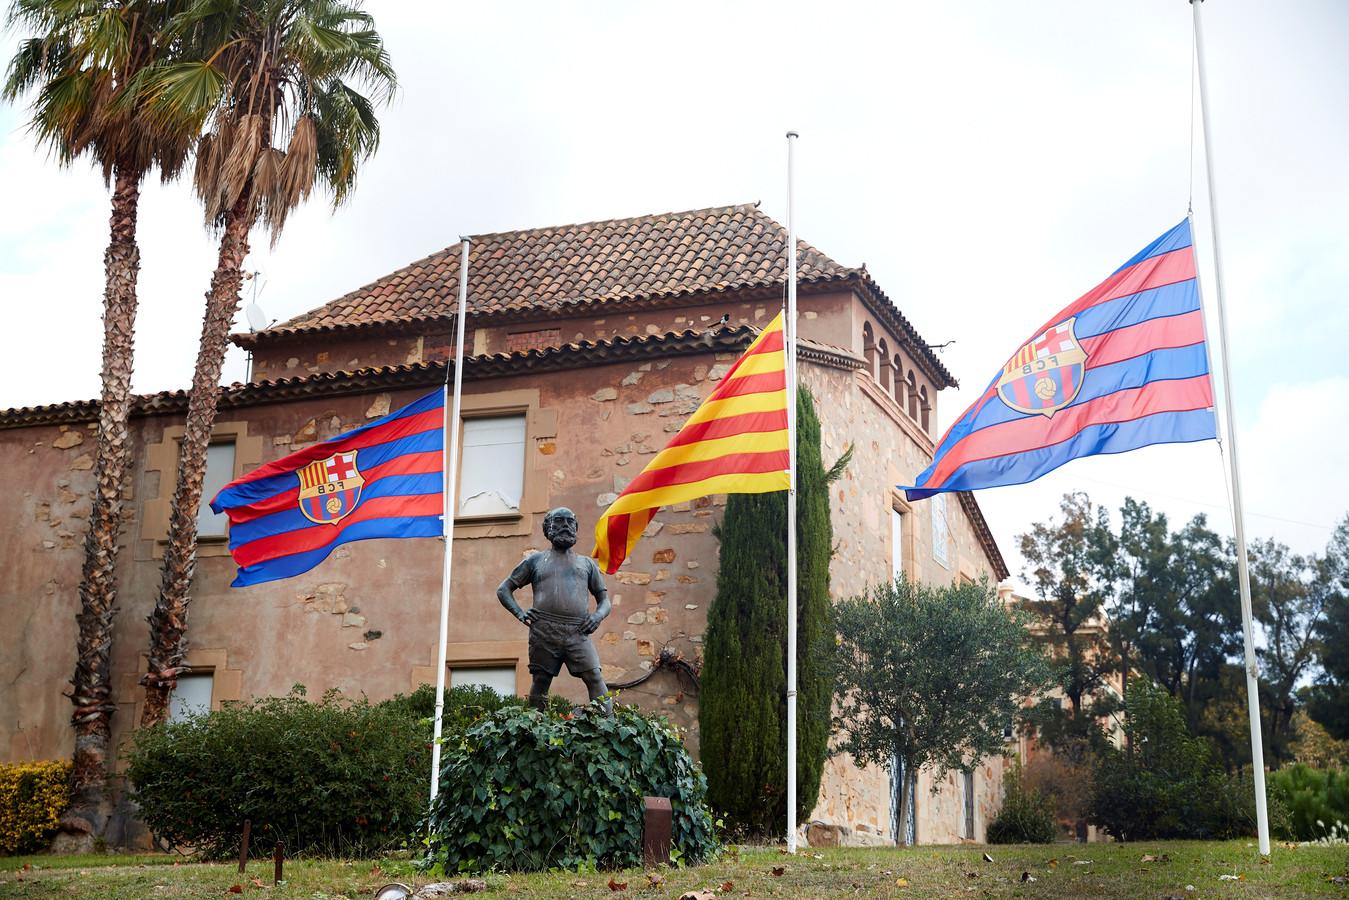 De vlaggen in Barcelona hangen halfstok.